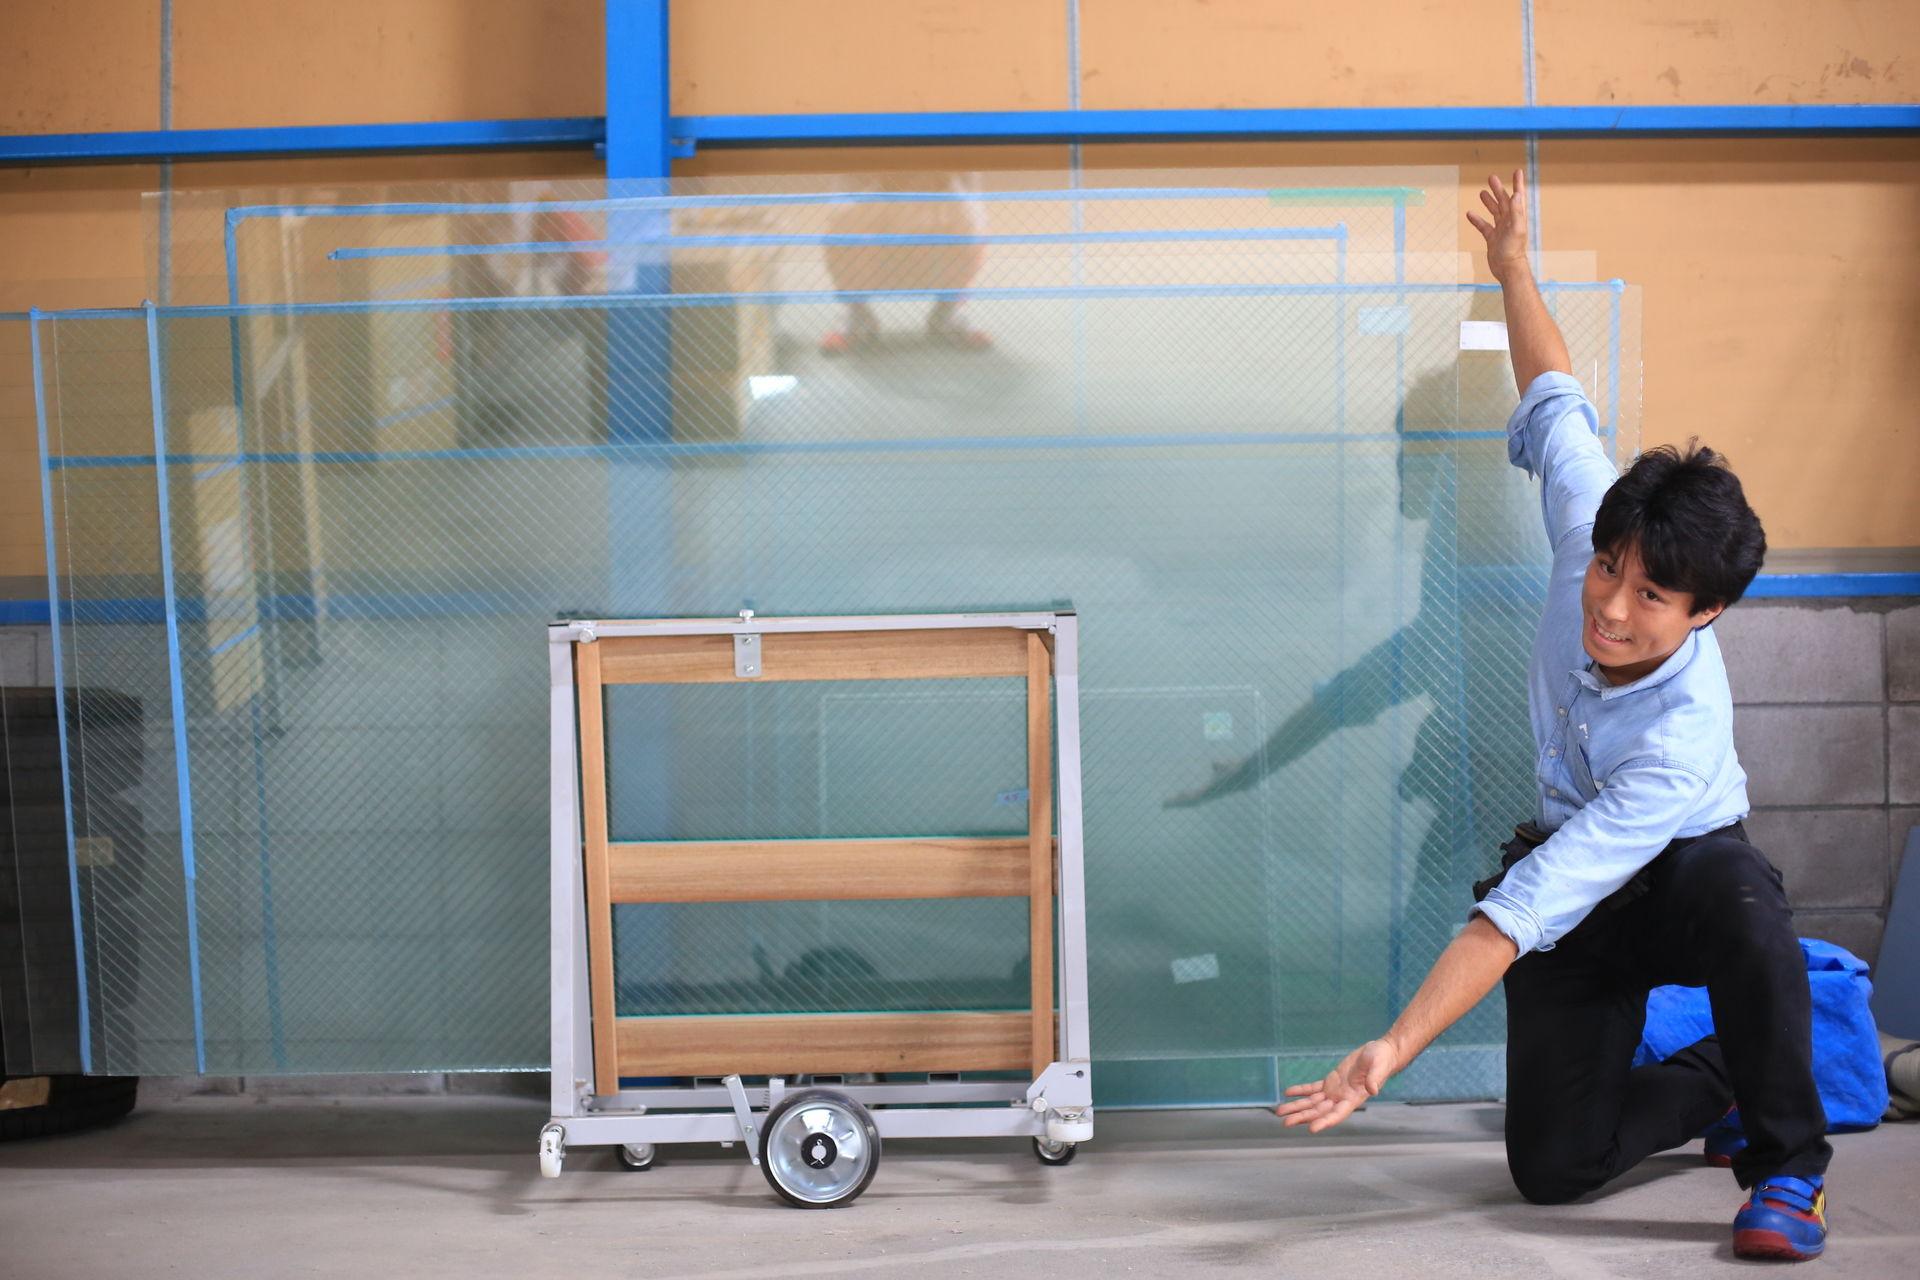 ガラスのトラブル救Q隊.24【京都市伏見区 出張エリア】の店内・外観画像1